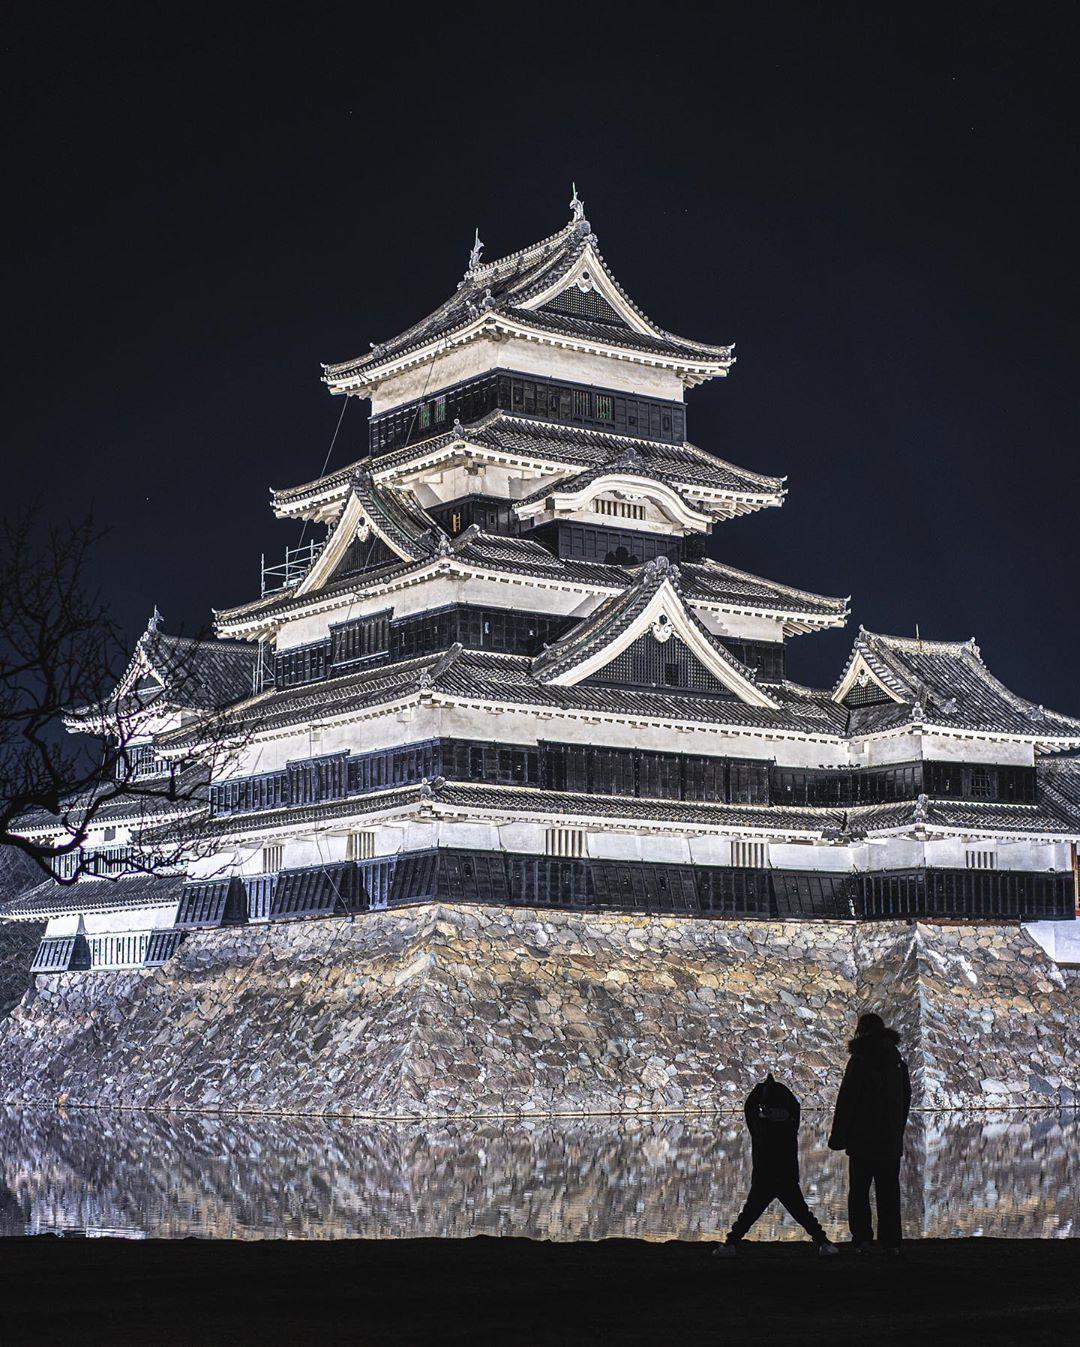 """Có một nước Nhật đẹp đến nao lòng qua ống kính của ông bố trẻ """"mê"""" chụp ảnh vợ và con trai, ai xem xong cũng """"tan chảy"""" - Ảnh 10."""